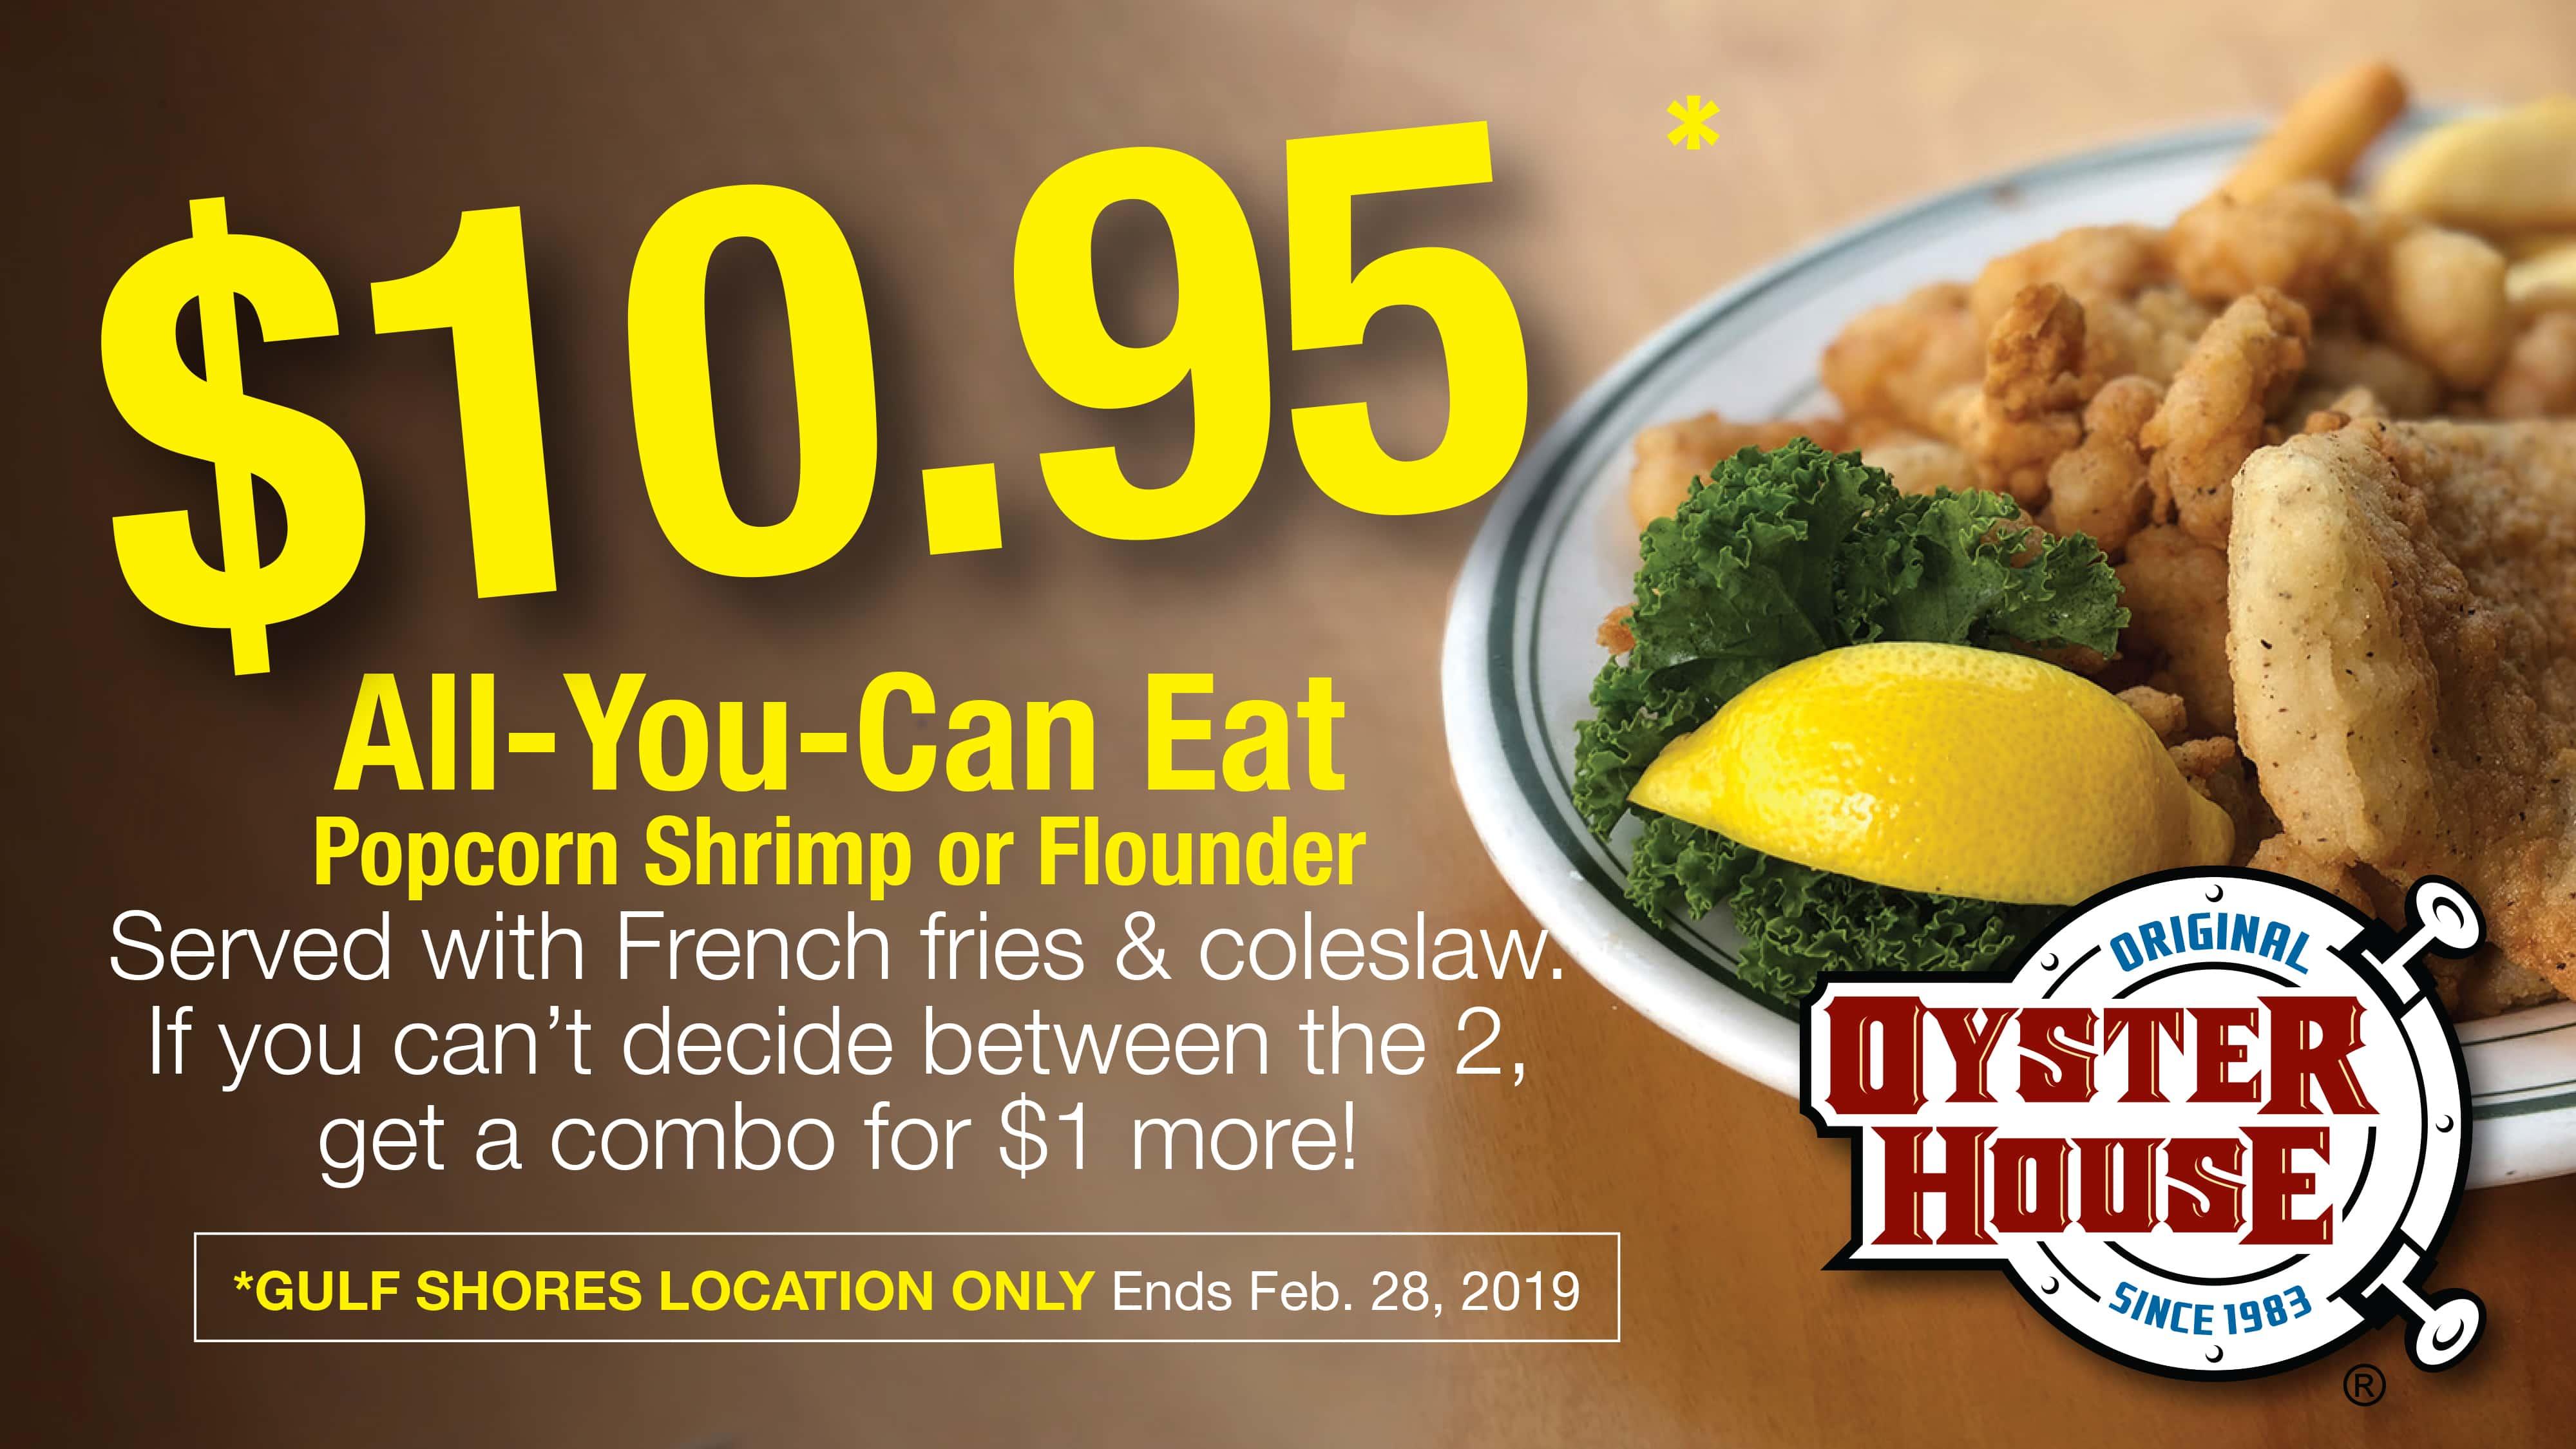 All-You-Can-Eat Popcorn Shrimp & Flounder for $10.95